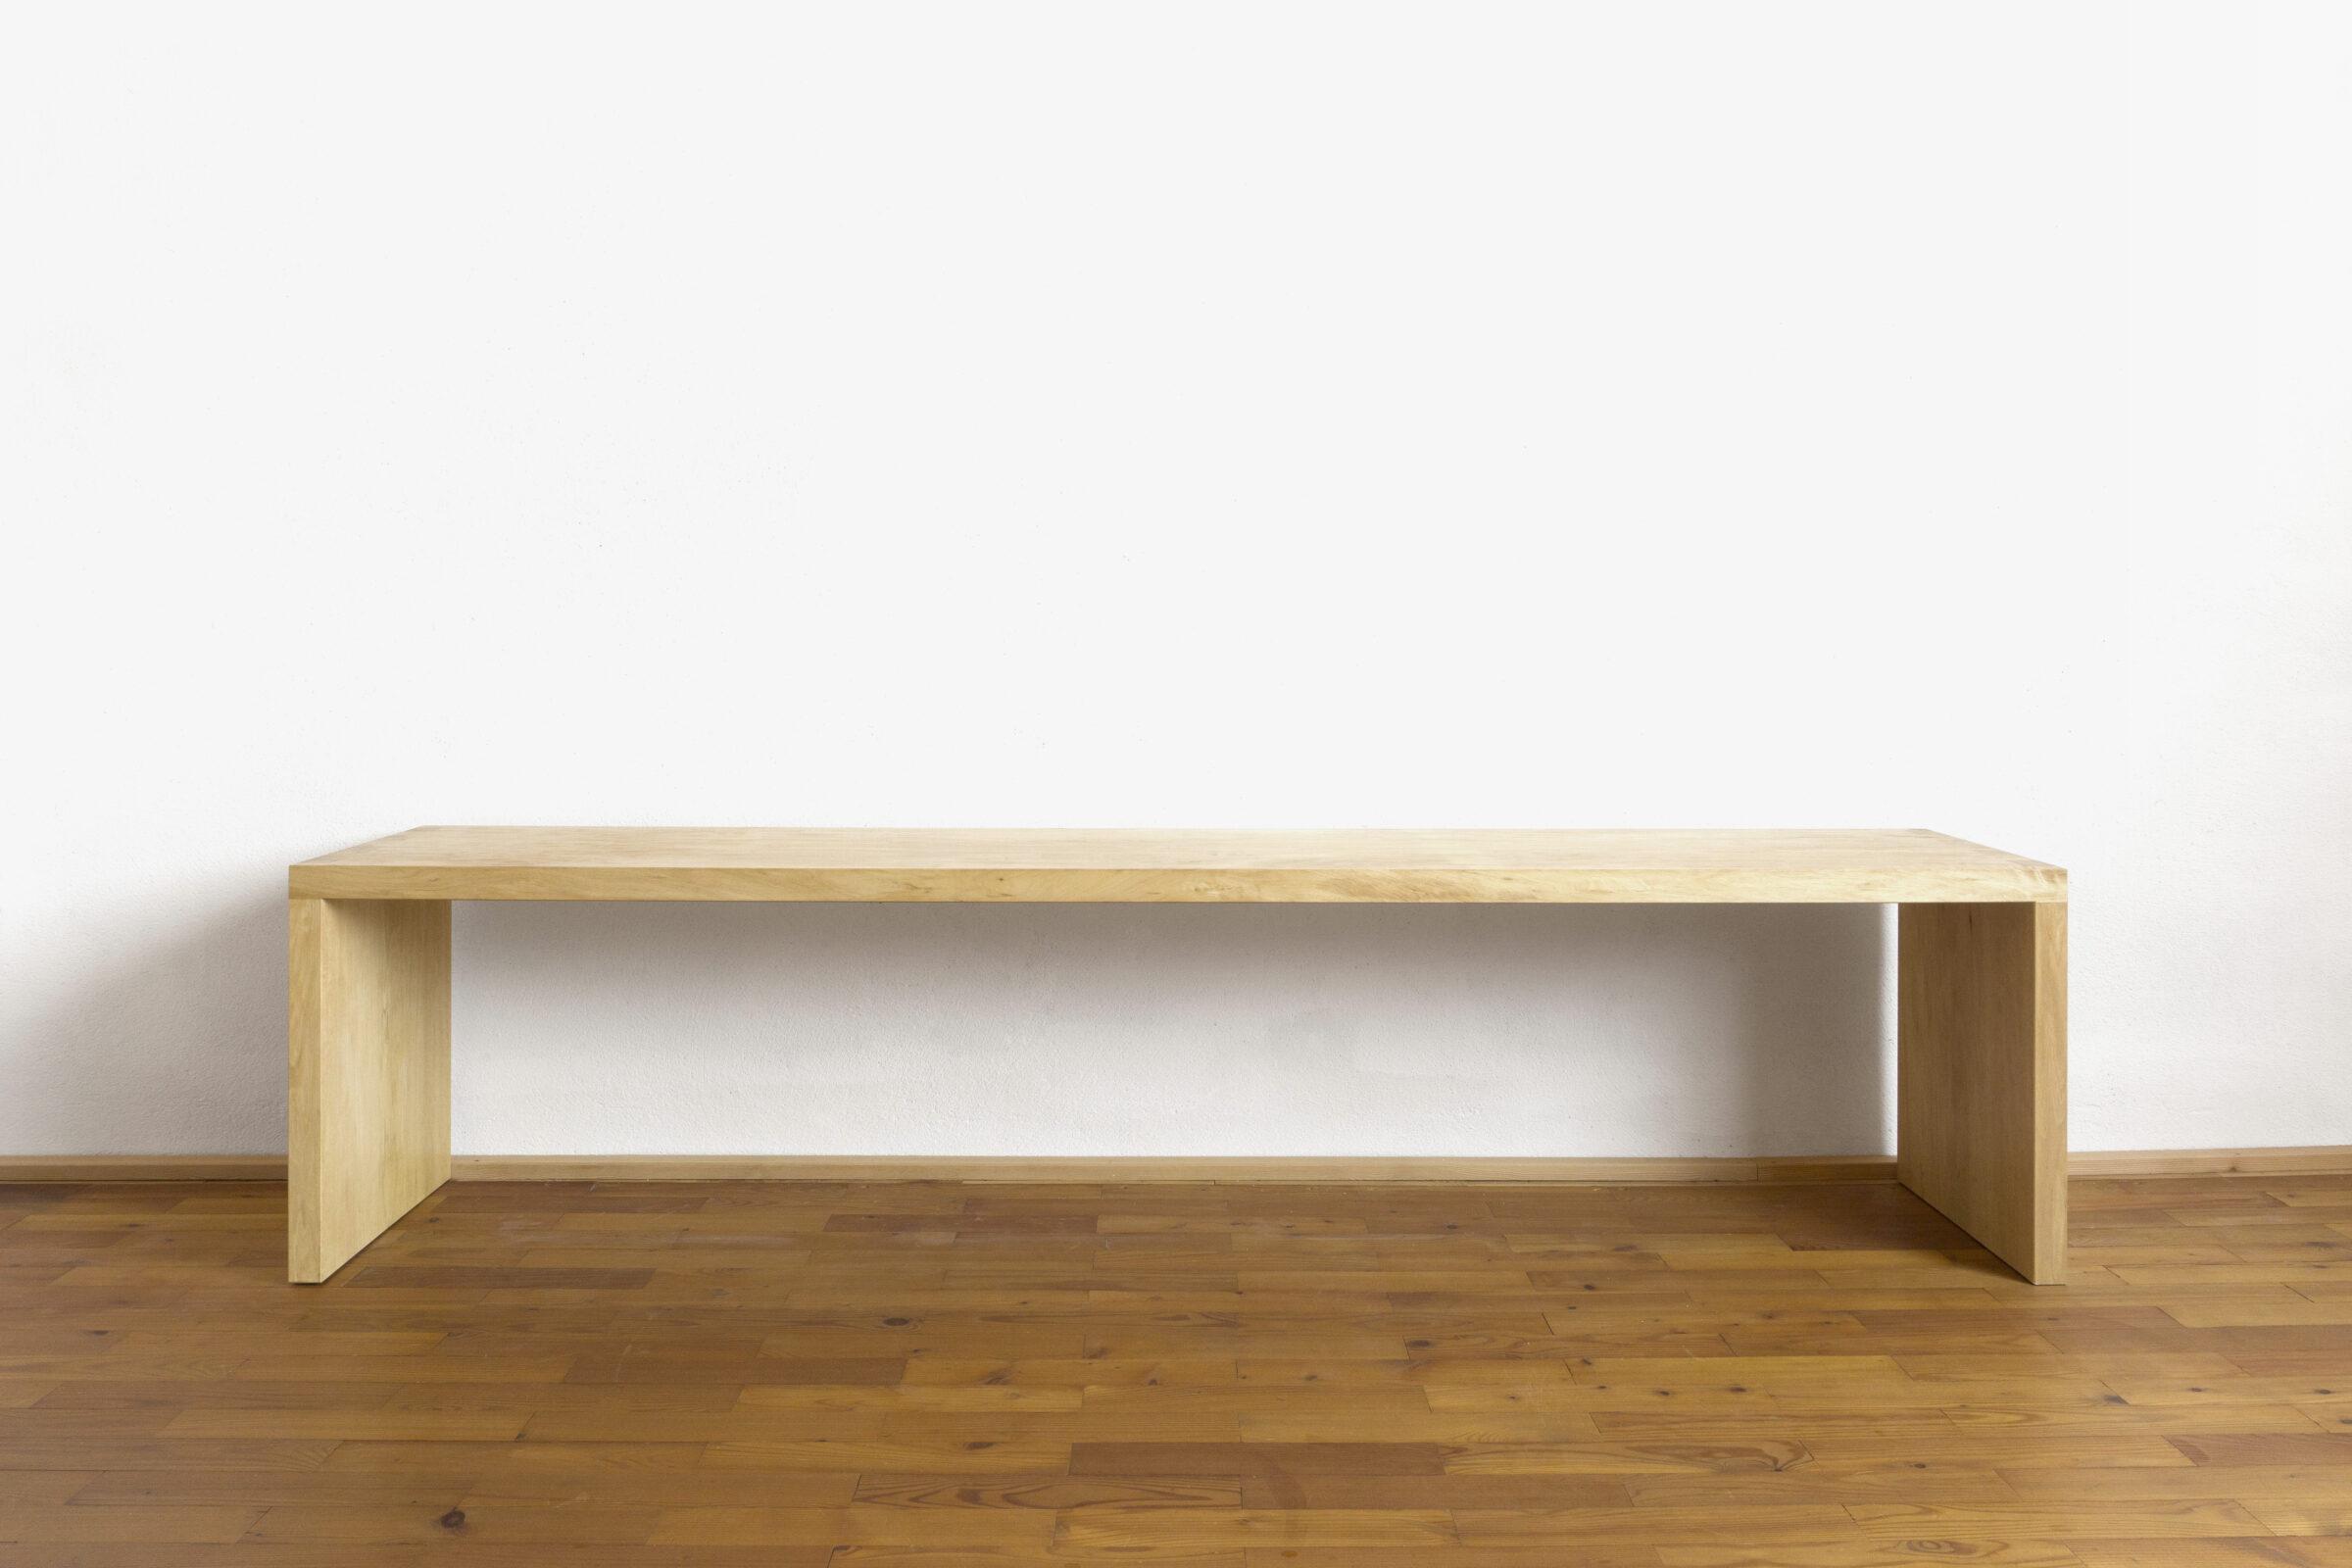 Sitzbank, vorne, Massivholzmöbel handgemacht, Hochwertige Möbel aus Massivholz, Holzoberflächen handgehobelt, Einzelmöbelstücke, The Trees of Life